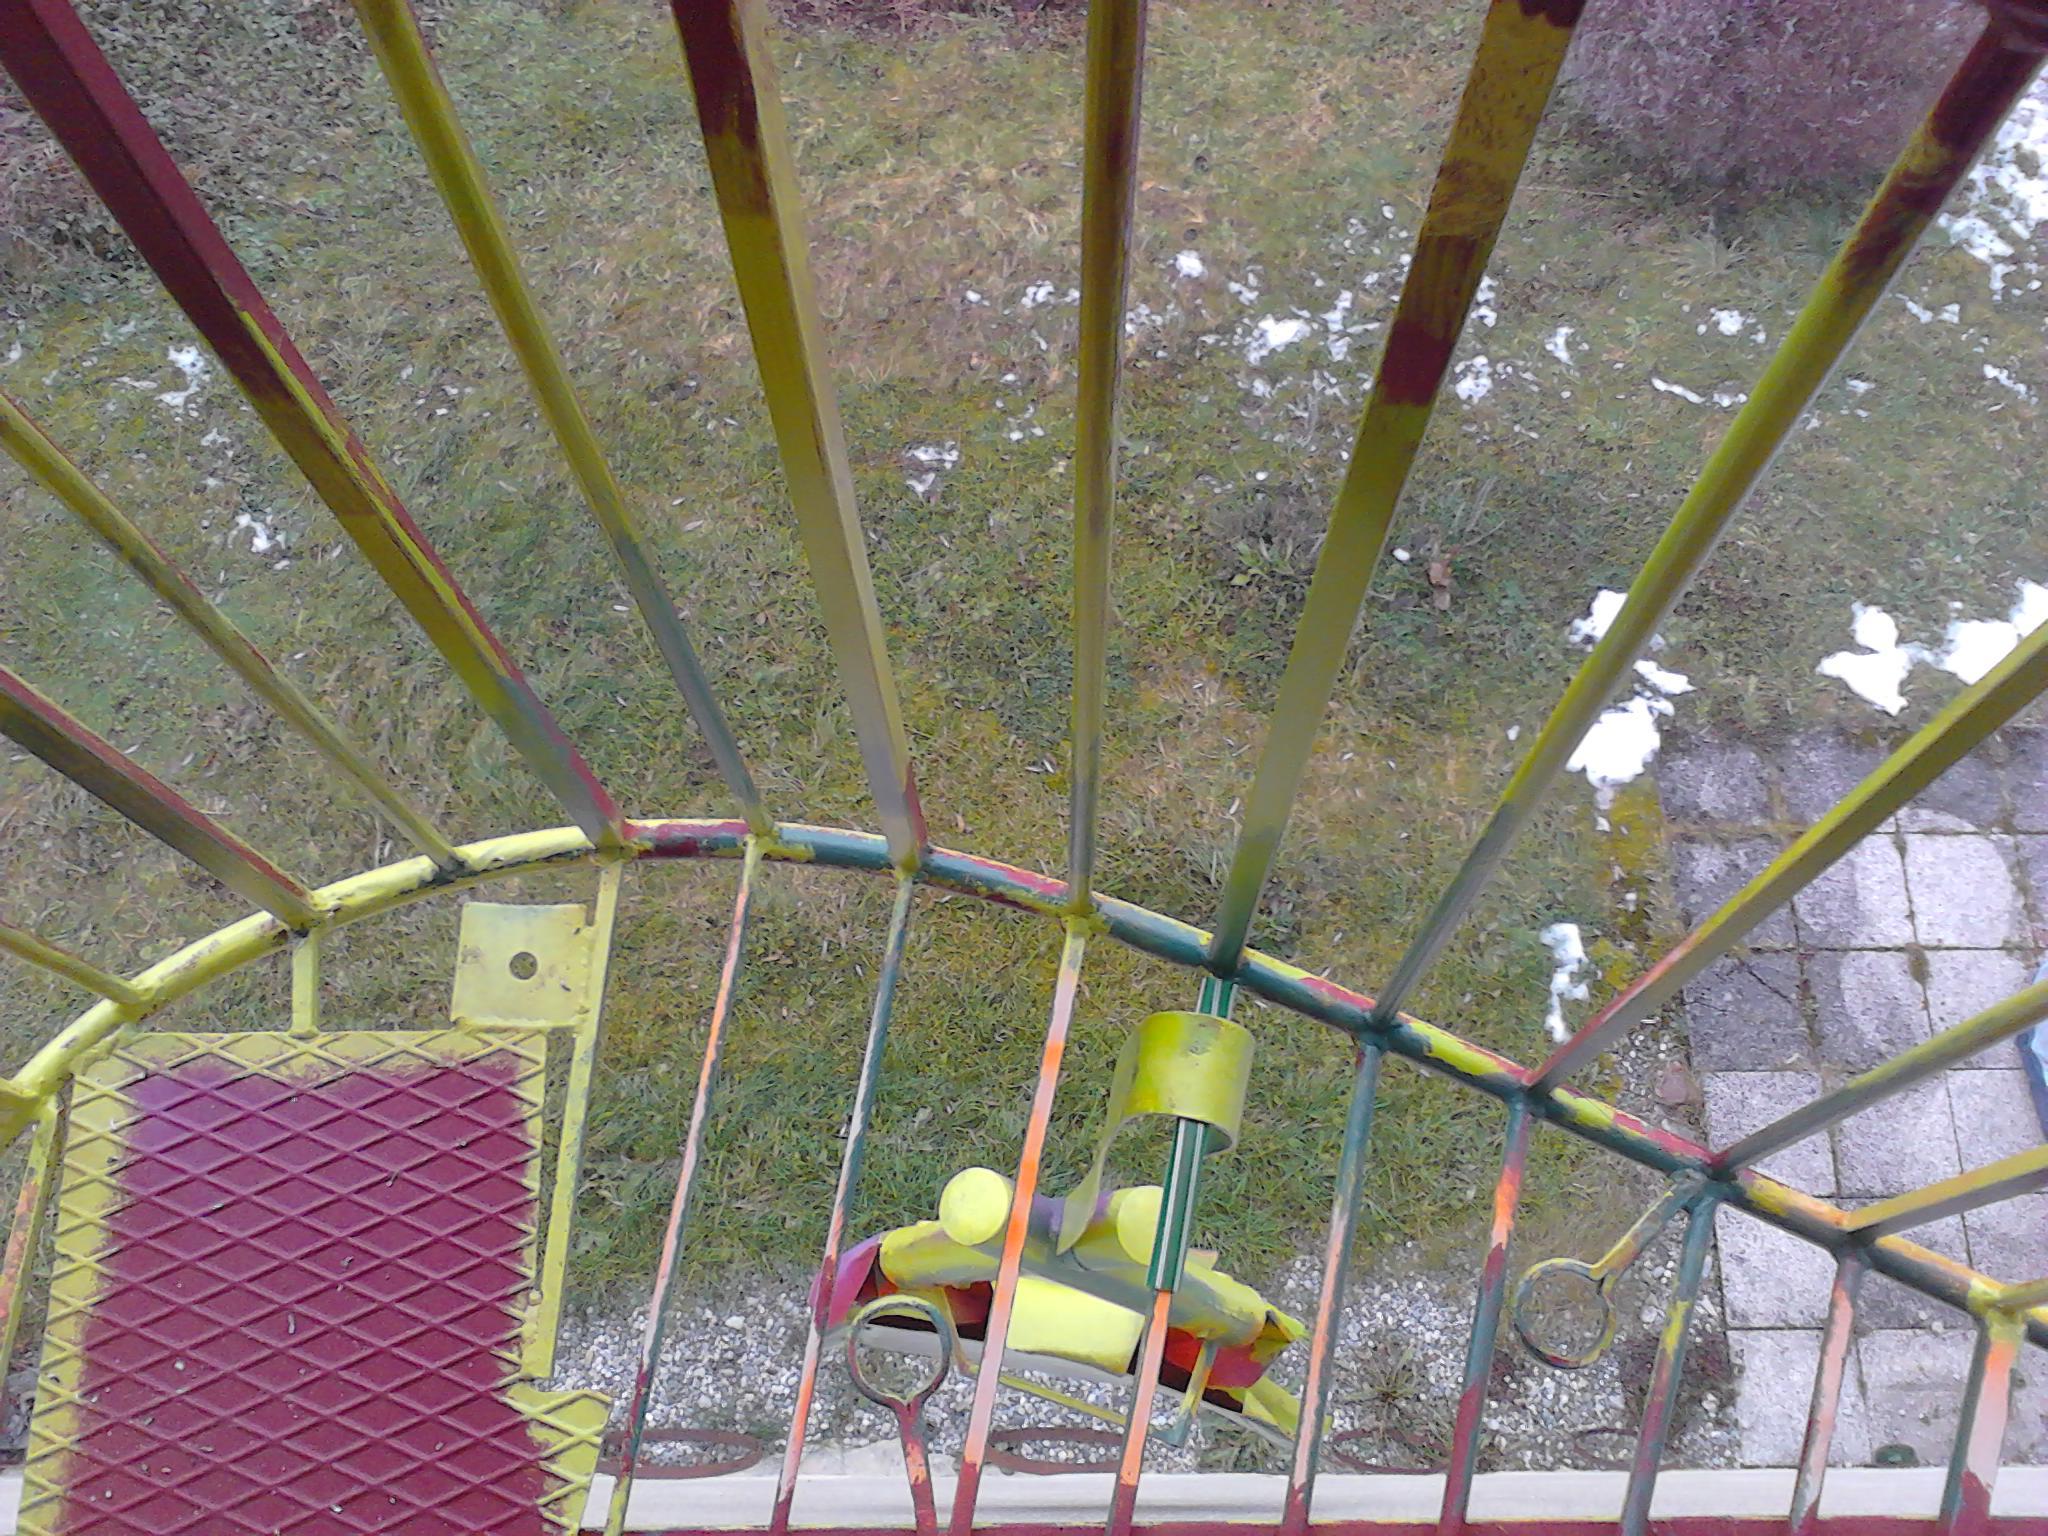 balkon&tipi mit feuer/von oben